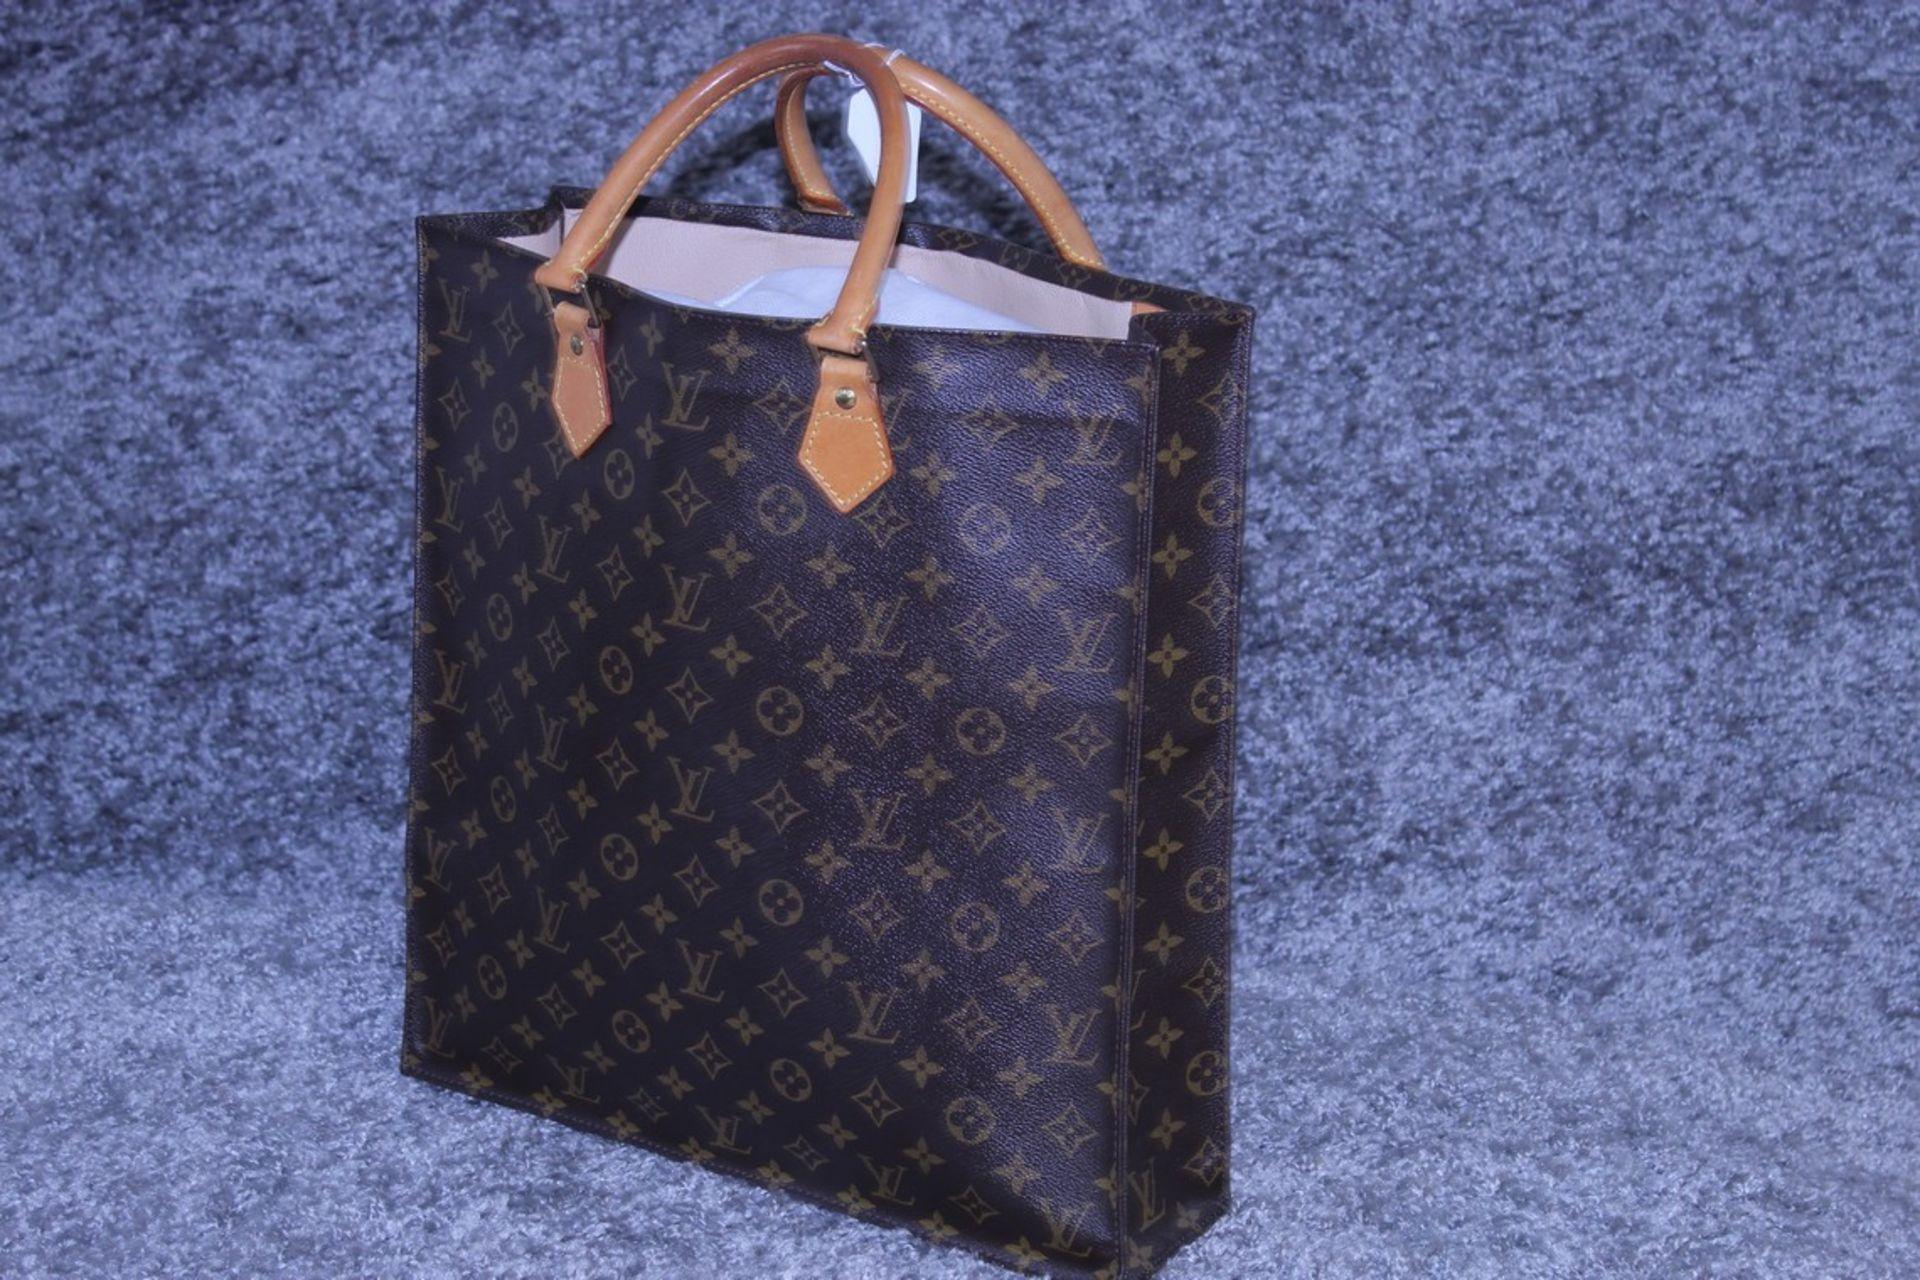 RRP £1,950 Louis Vuitton Sac Plat Shoulder Bag, Brown Coated Monogram Canvas 35X37X5Cm, Condition - Image 3 of 3